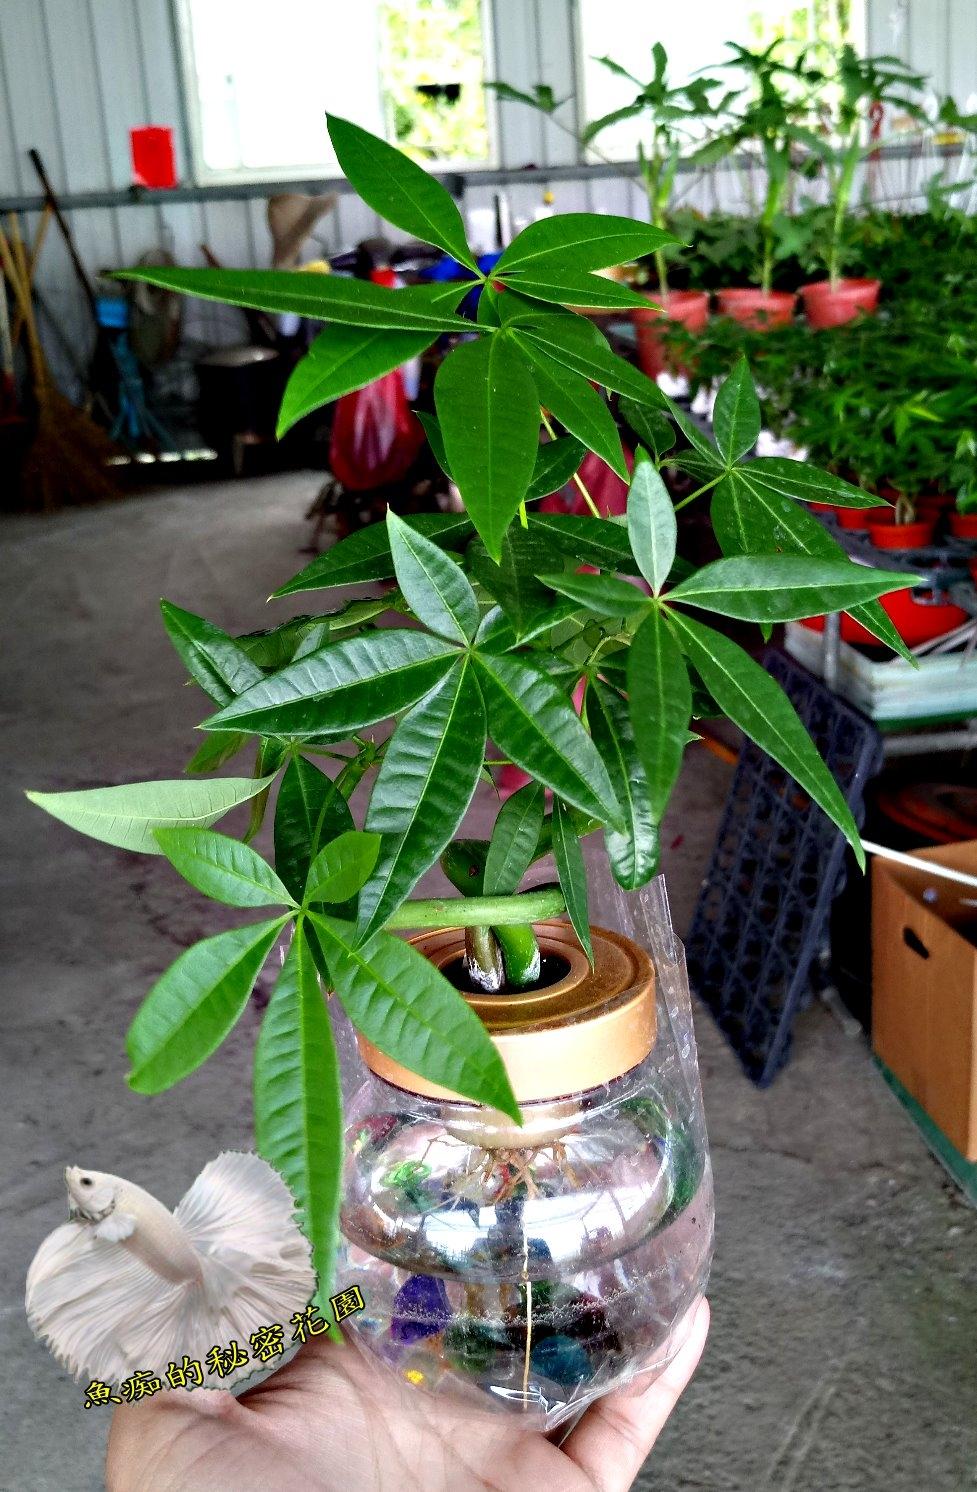 水耕植物盆栽彎曲造型馬拉巴栗美國花生發財樹室內室外皆可